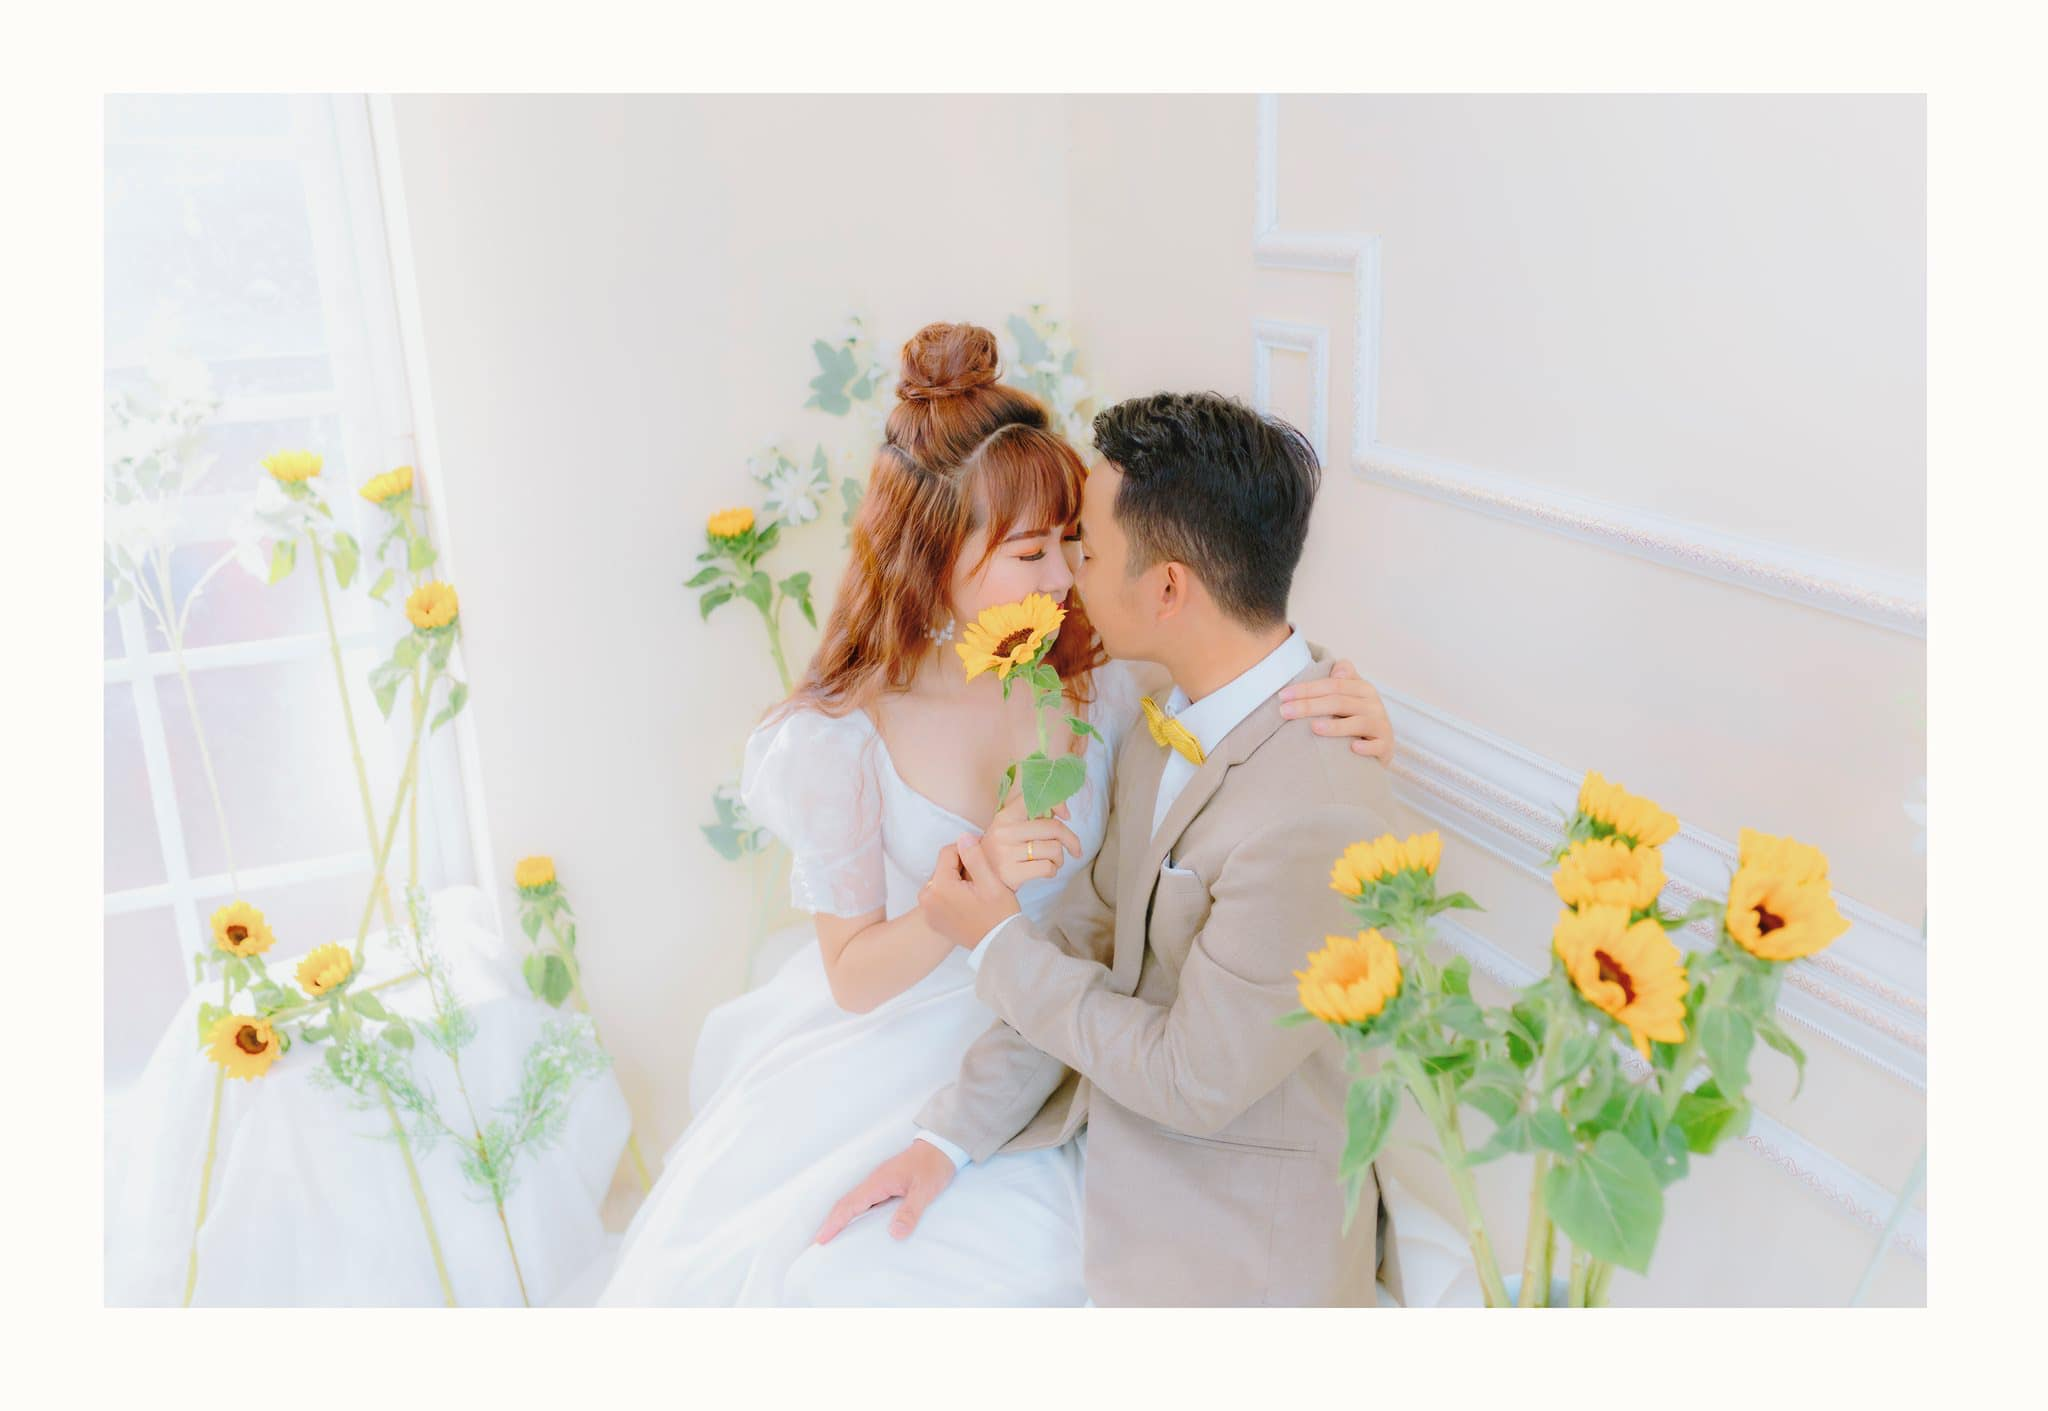 Xếp hạng 7 studio chụp ảnh cưới Hàn Quốc đẹp nhất Nha Trang, Khánh Hòa - Mr Hà Studio